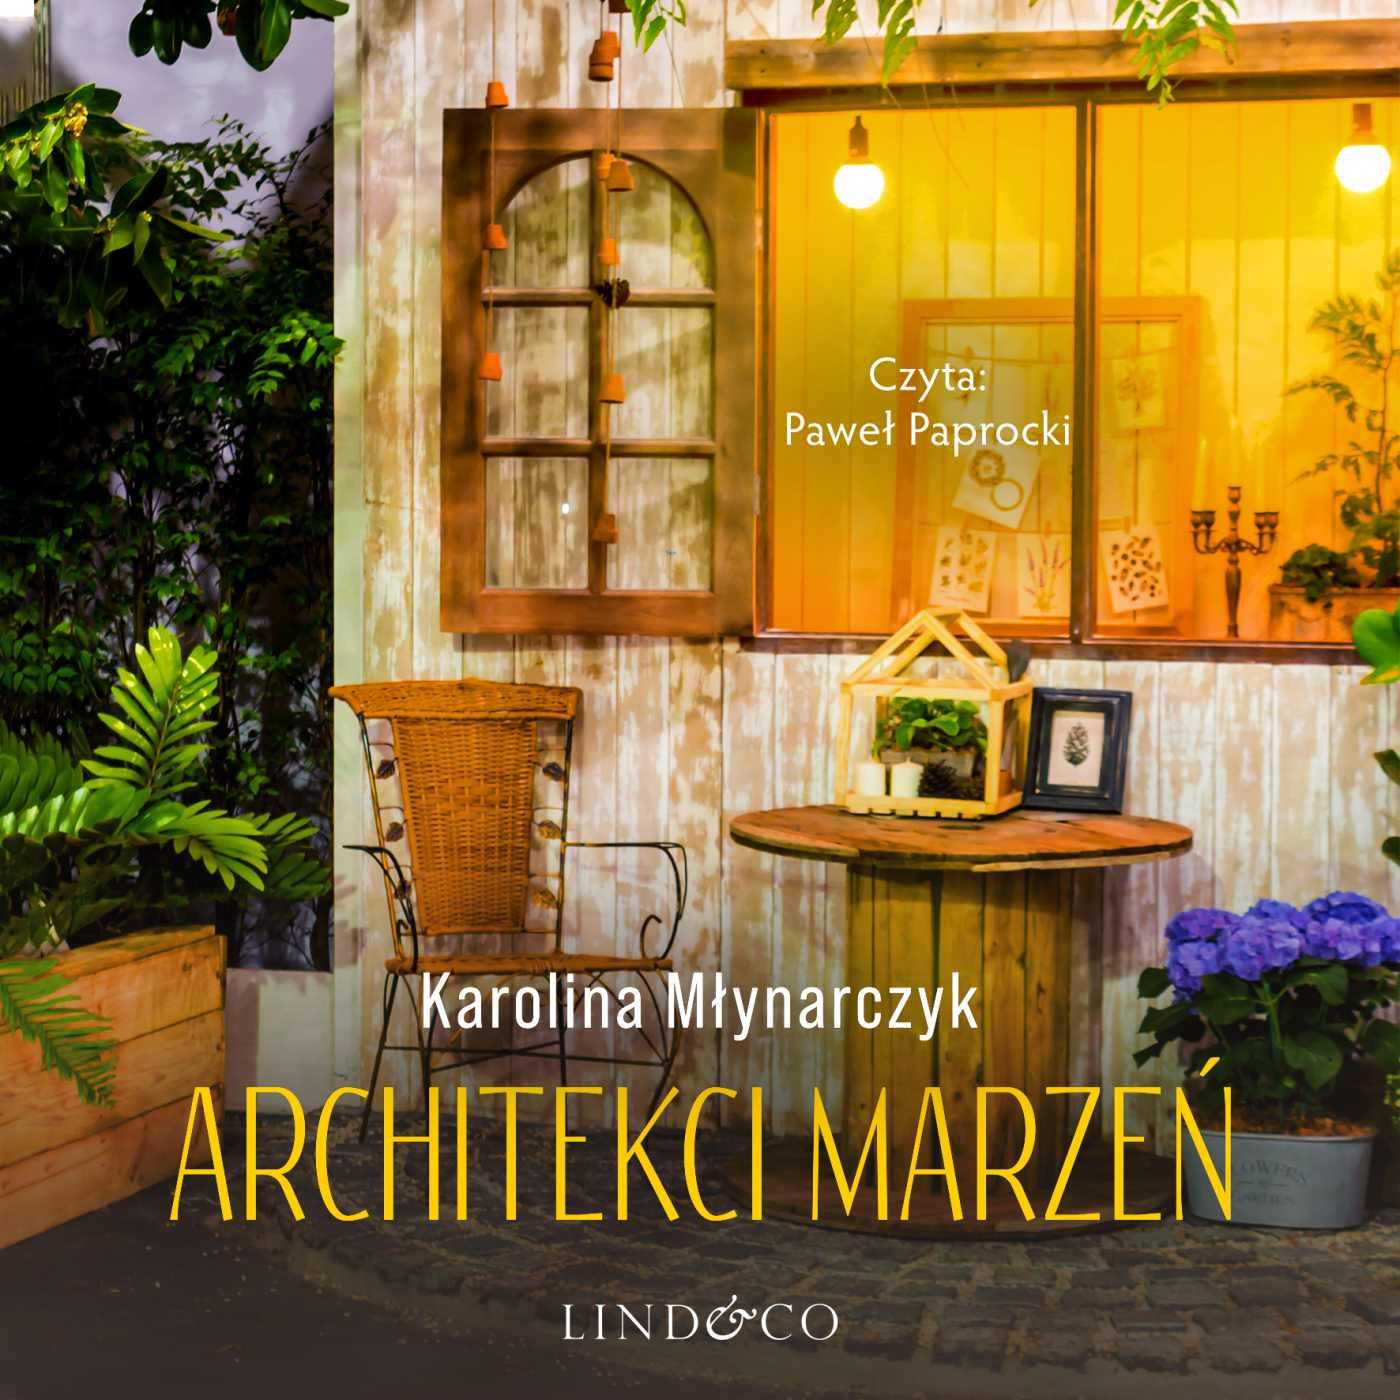 Architekci marzeń - Audiobook (Książka audio MP3) do pobrania w całości w archiwum ZIP